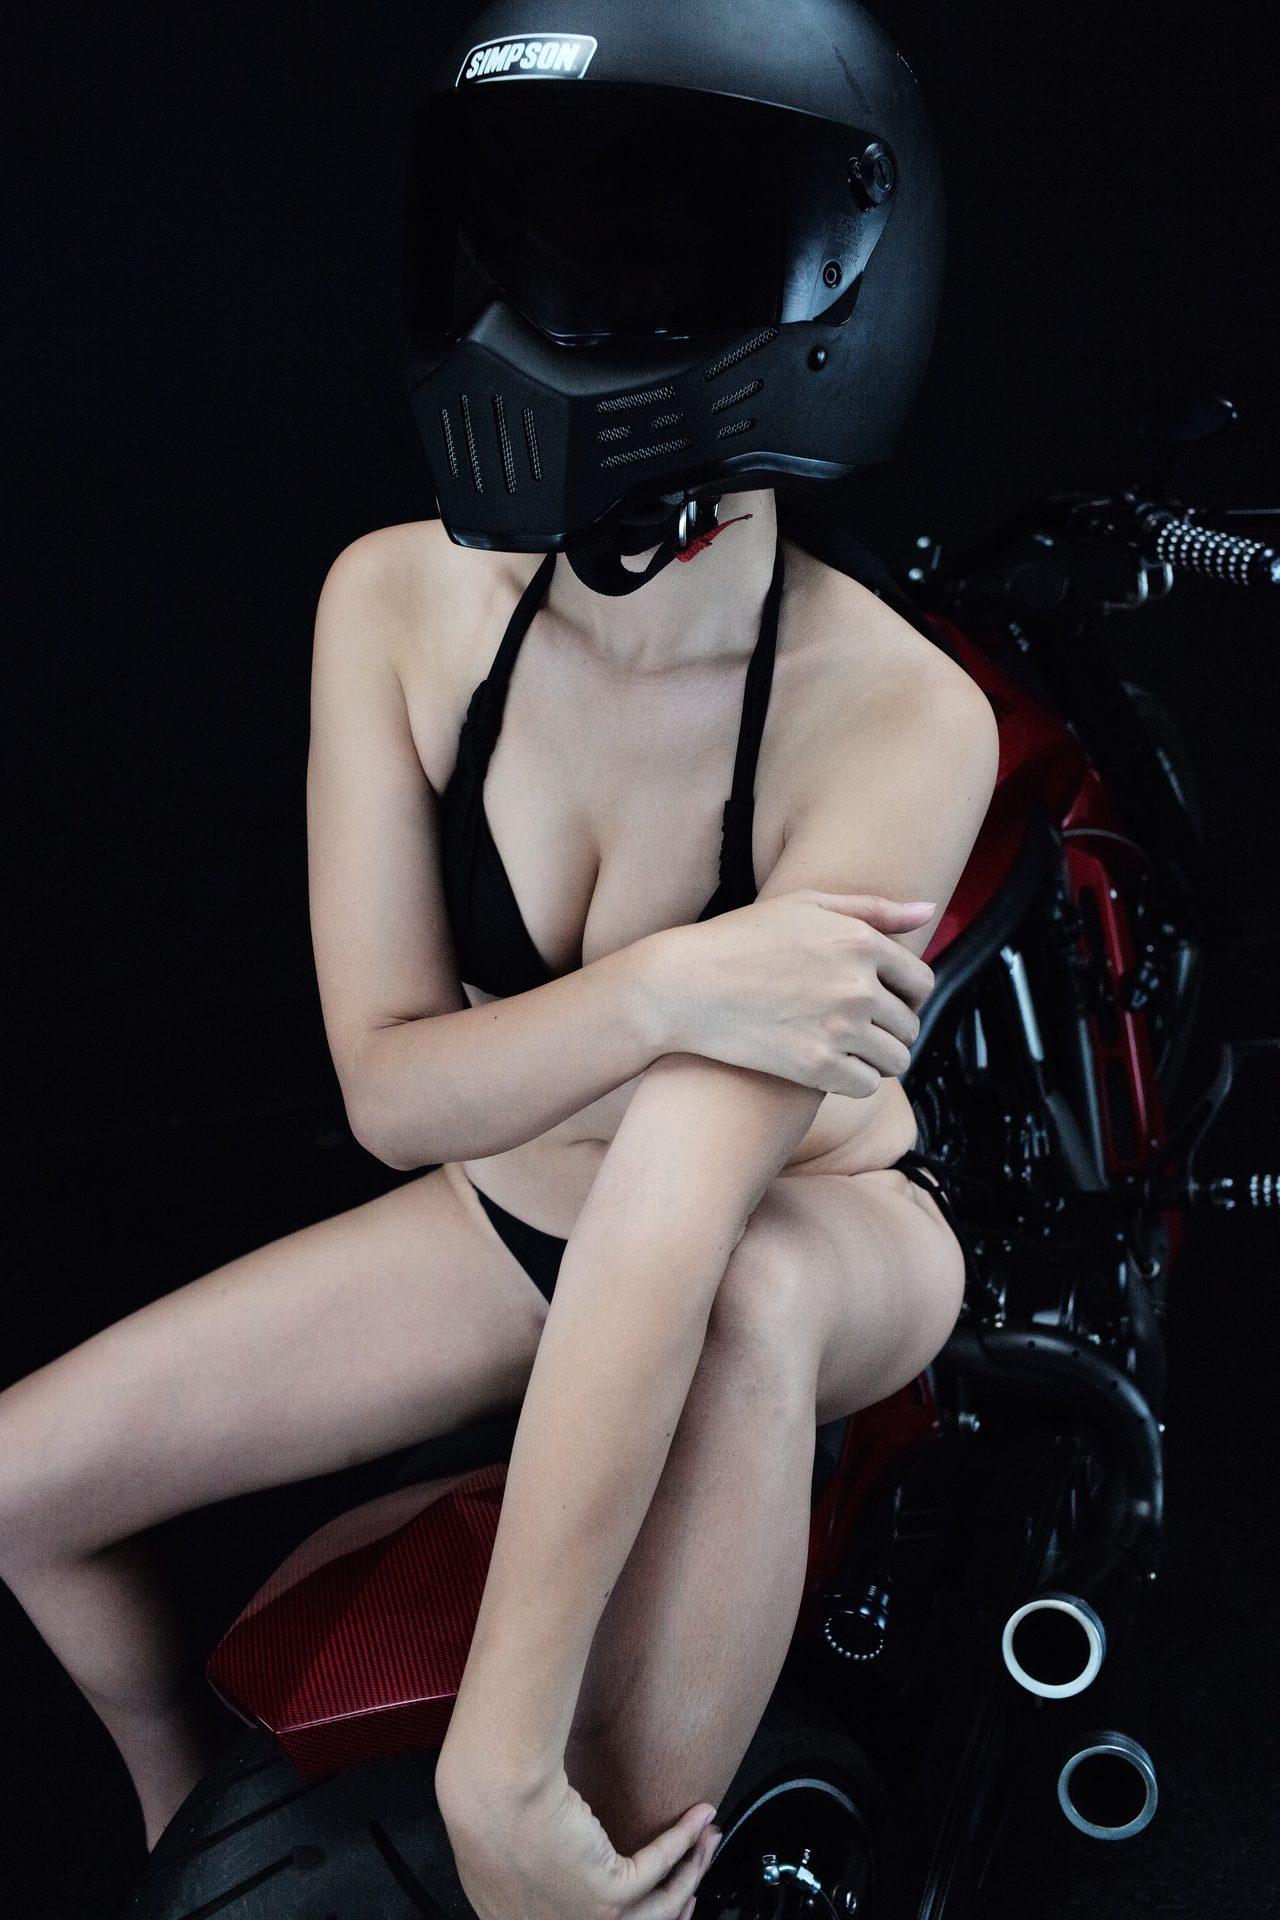 画像5: 深夜のグラビア【ヘルメット女子】SEASON-XII 013 feat.012